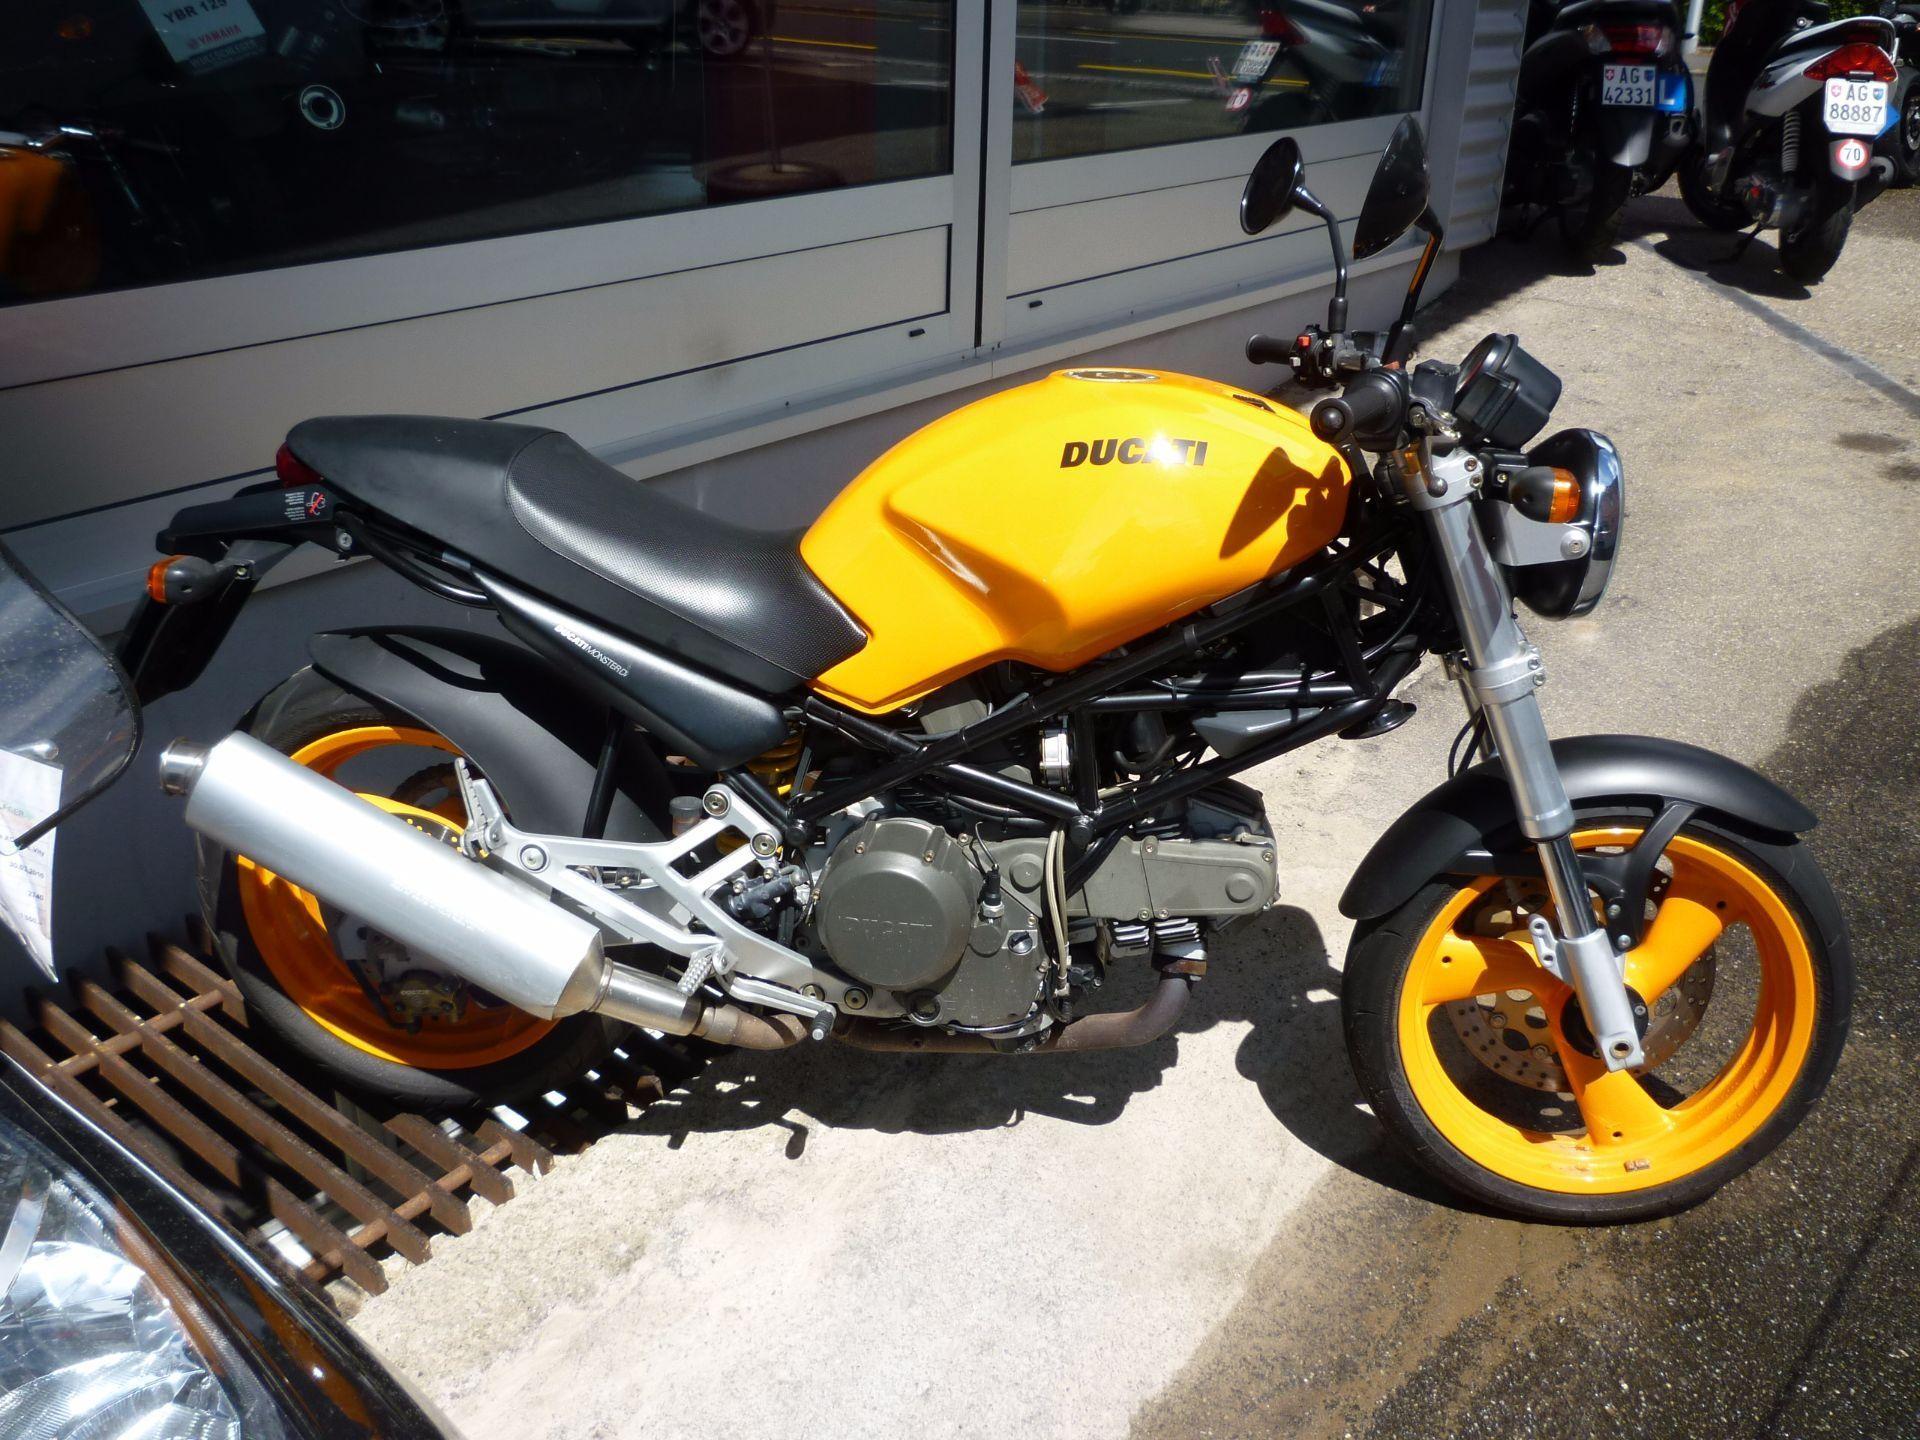 motorrad occasion kaufen ducati 600 monster wullschleger motorradsport zofingen. Black Bedroom Furniture Sets. Home Design Ideas